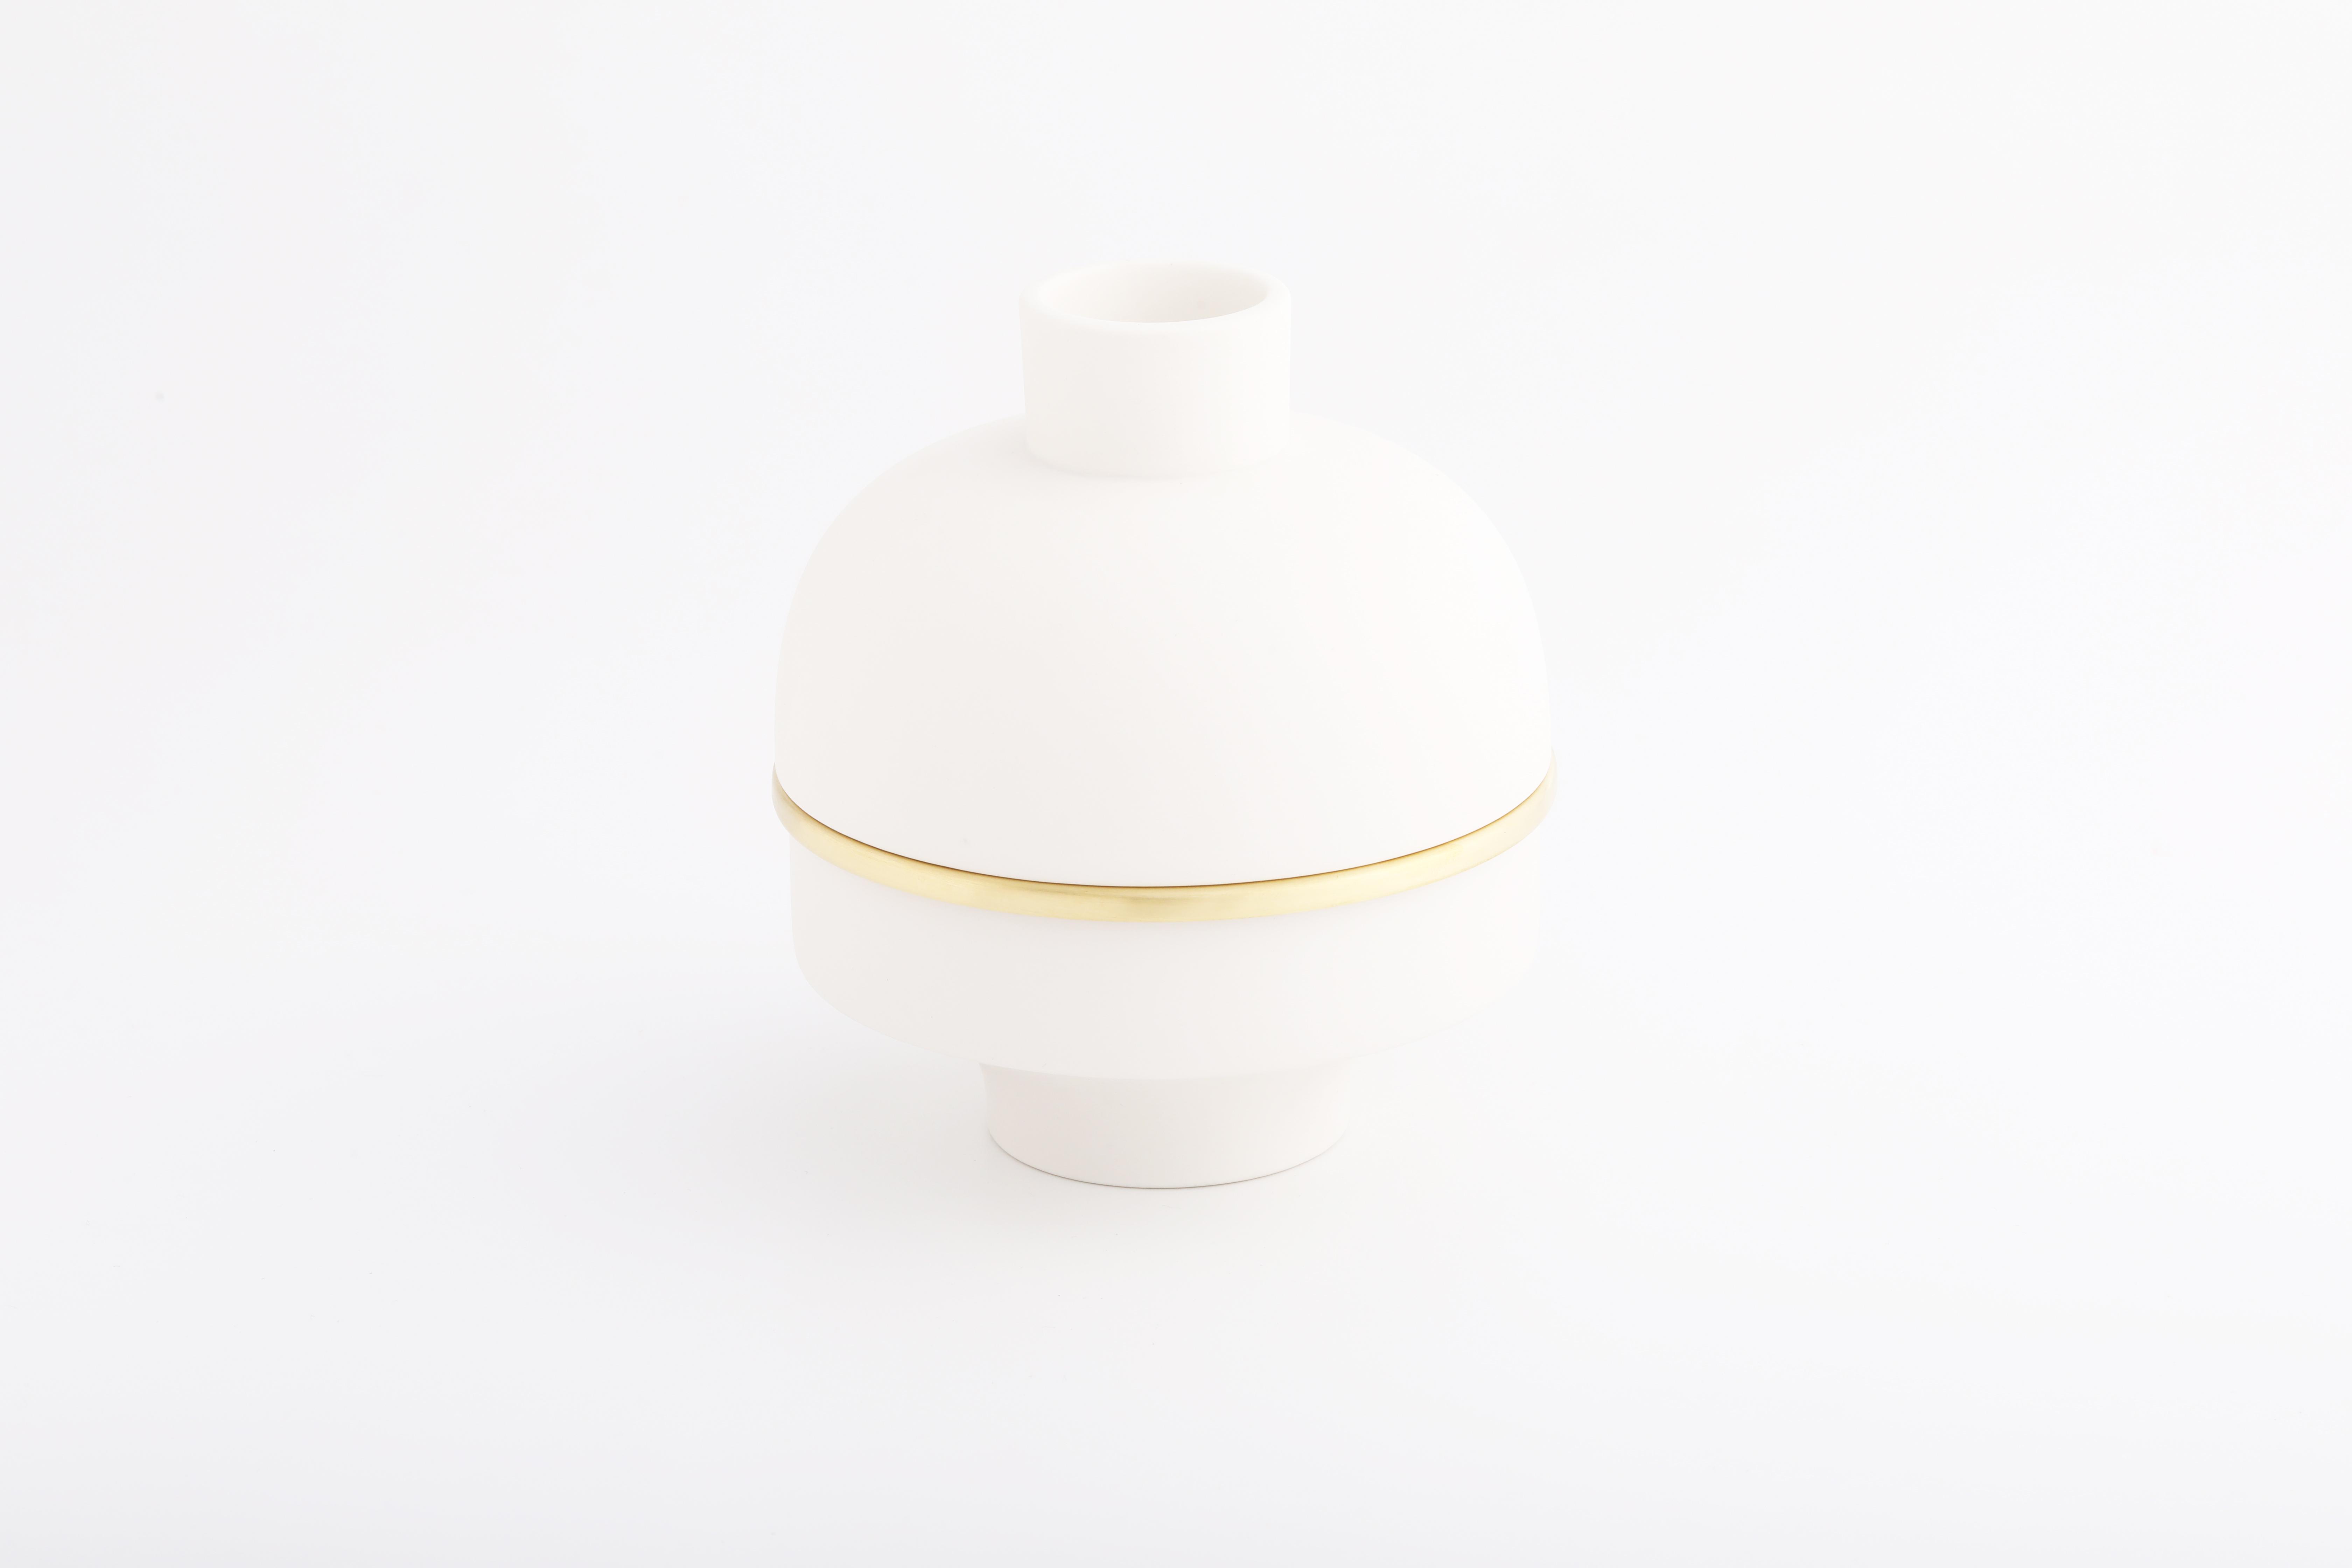 白瓷黃銅雙層款02 / White, Brass double 02